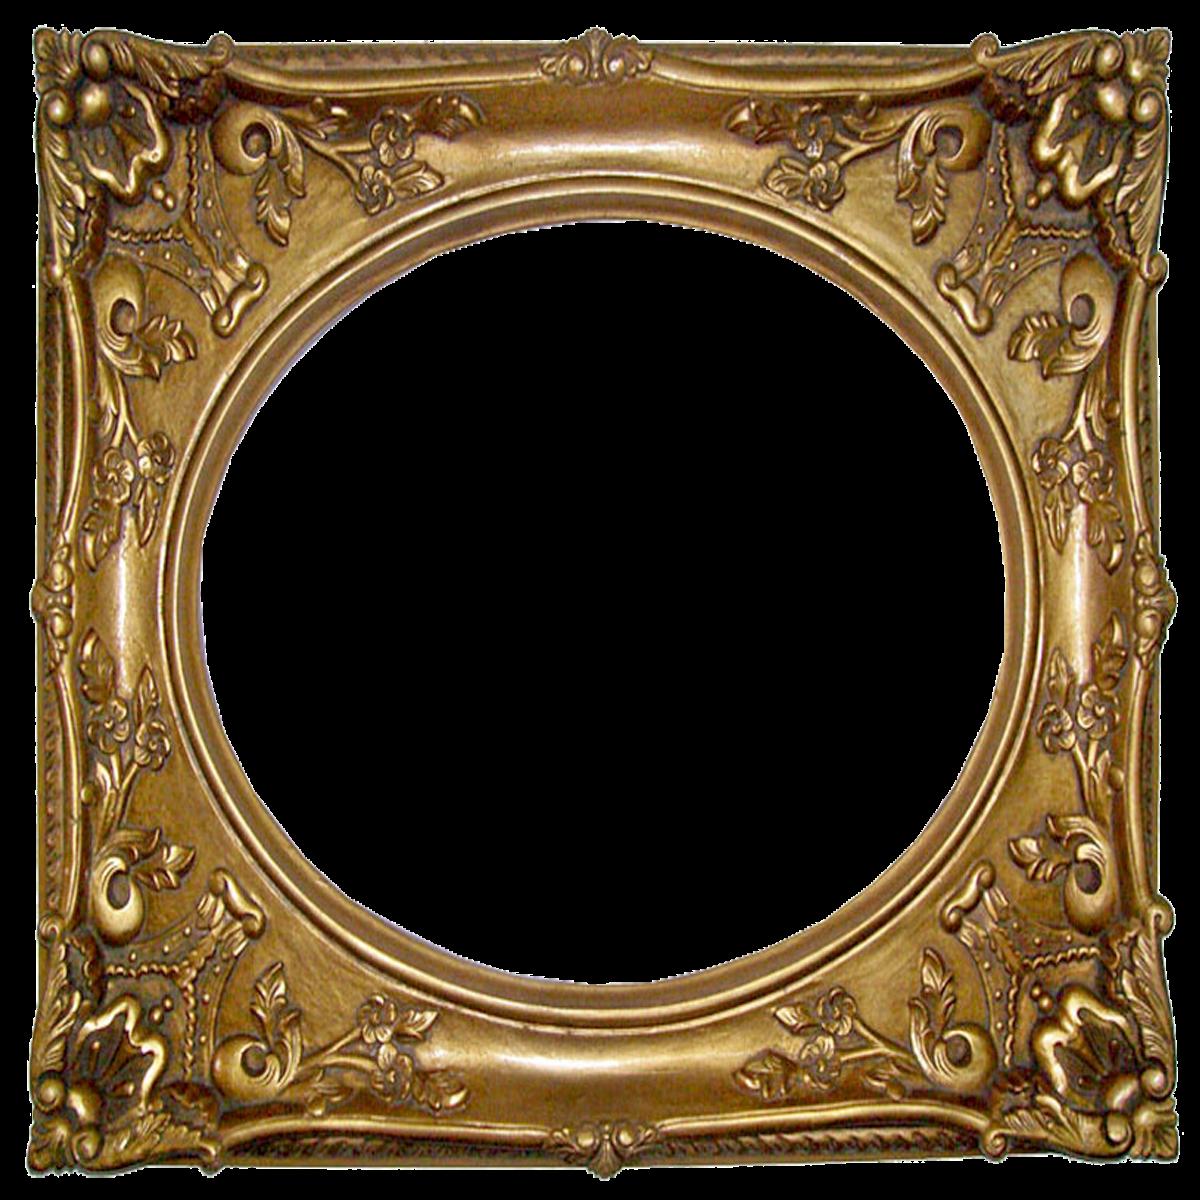 printable picture frames  Doodlecraft: Vintage Gold Gilded Frames Free Printables!